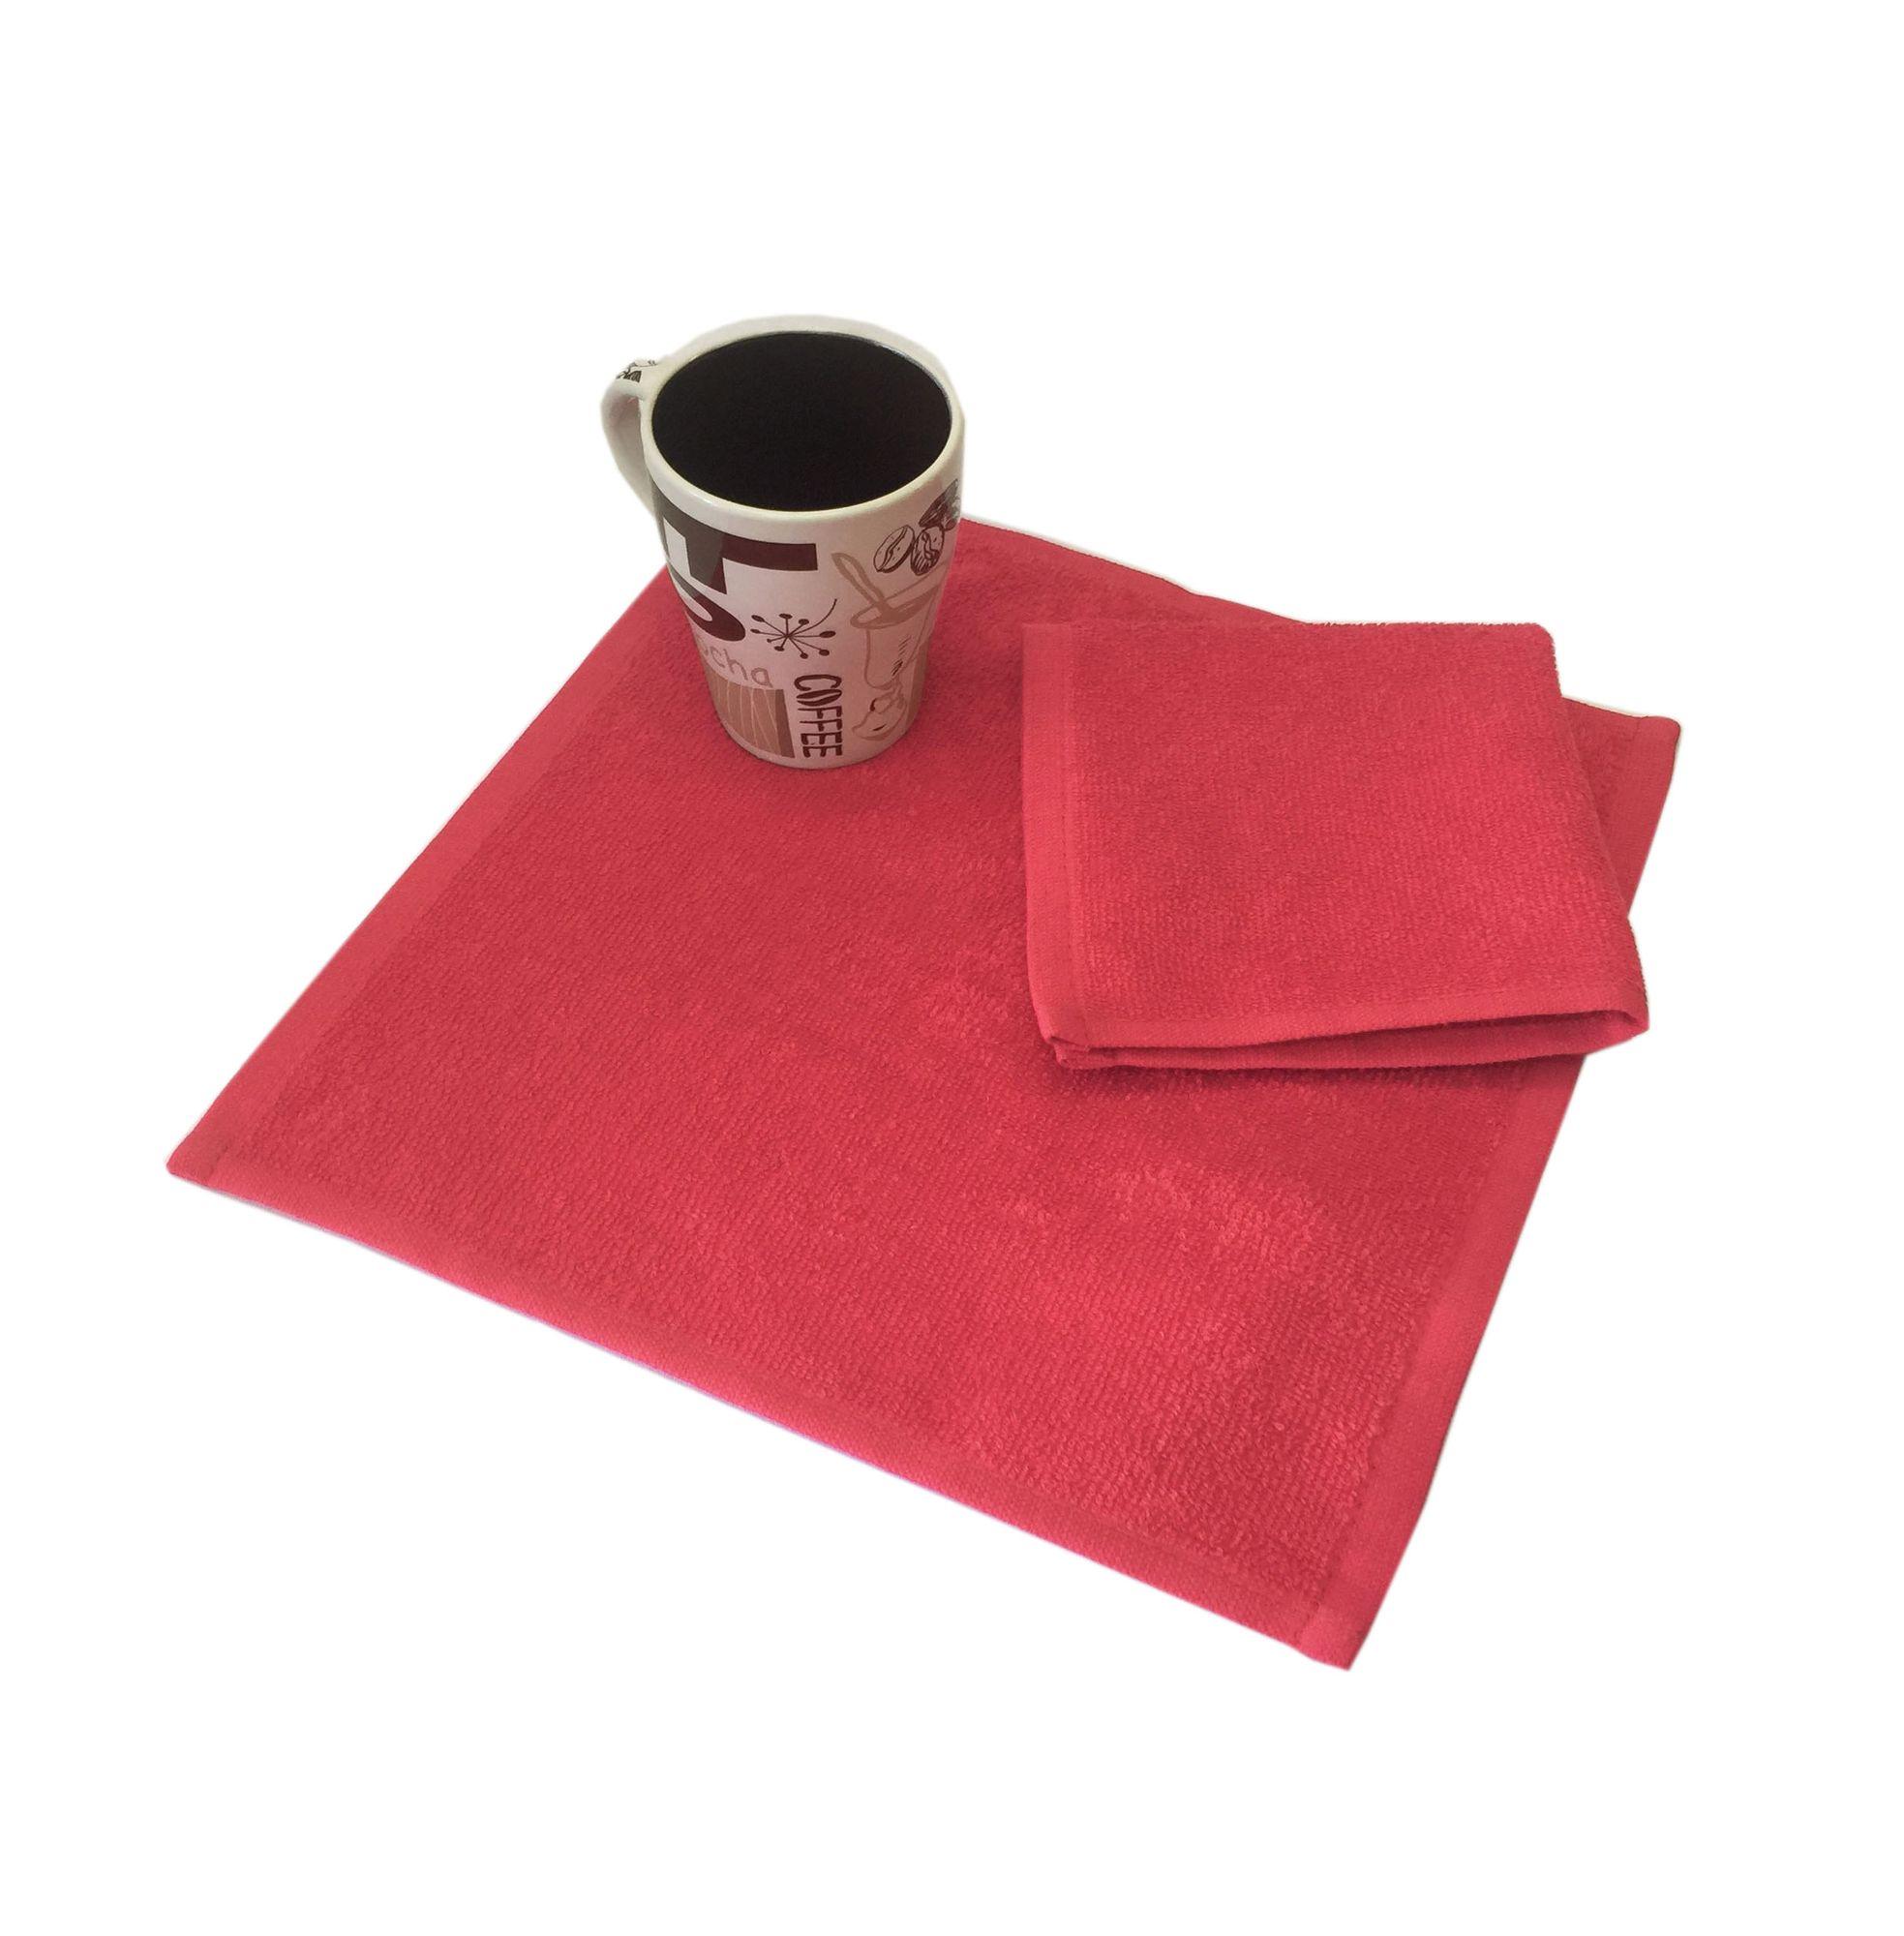 Салфетка махровая, 30*30см, 380 гр (Красный)